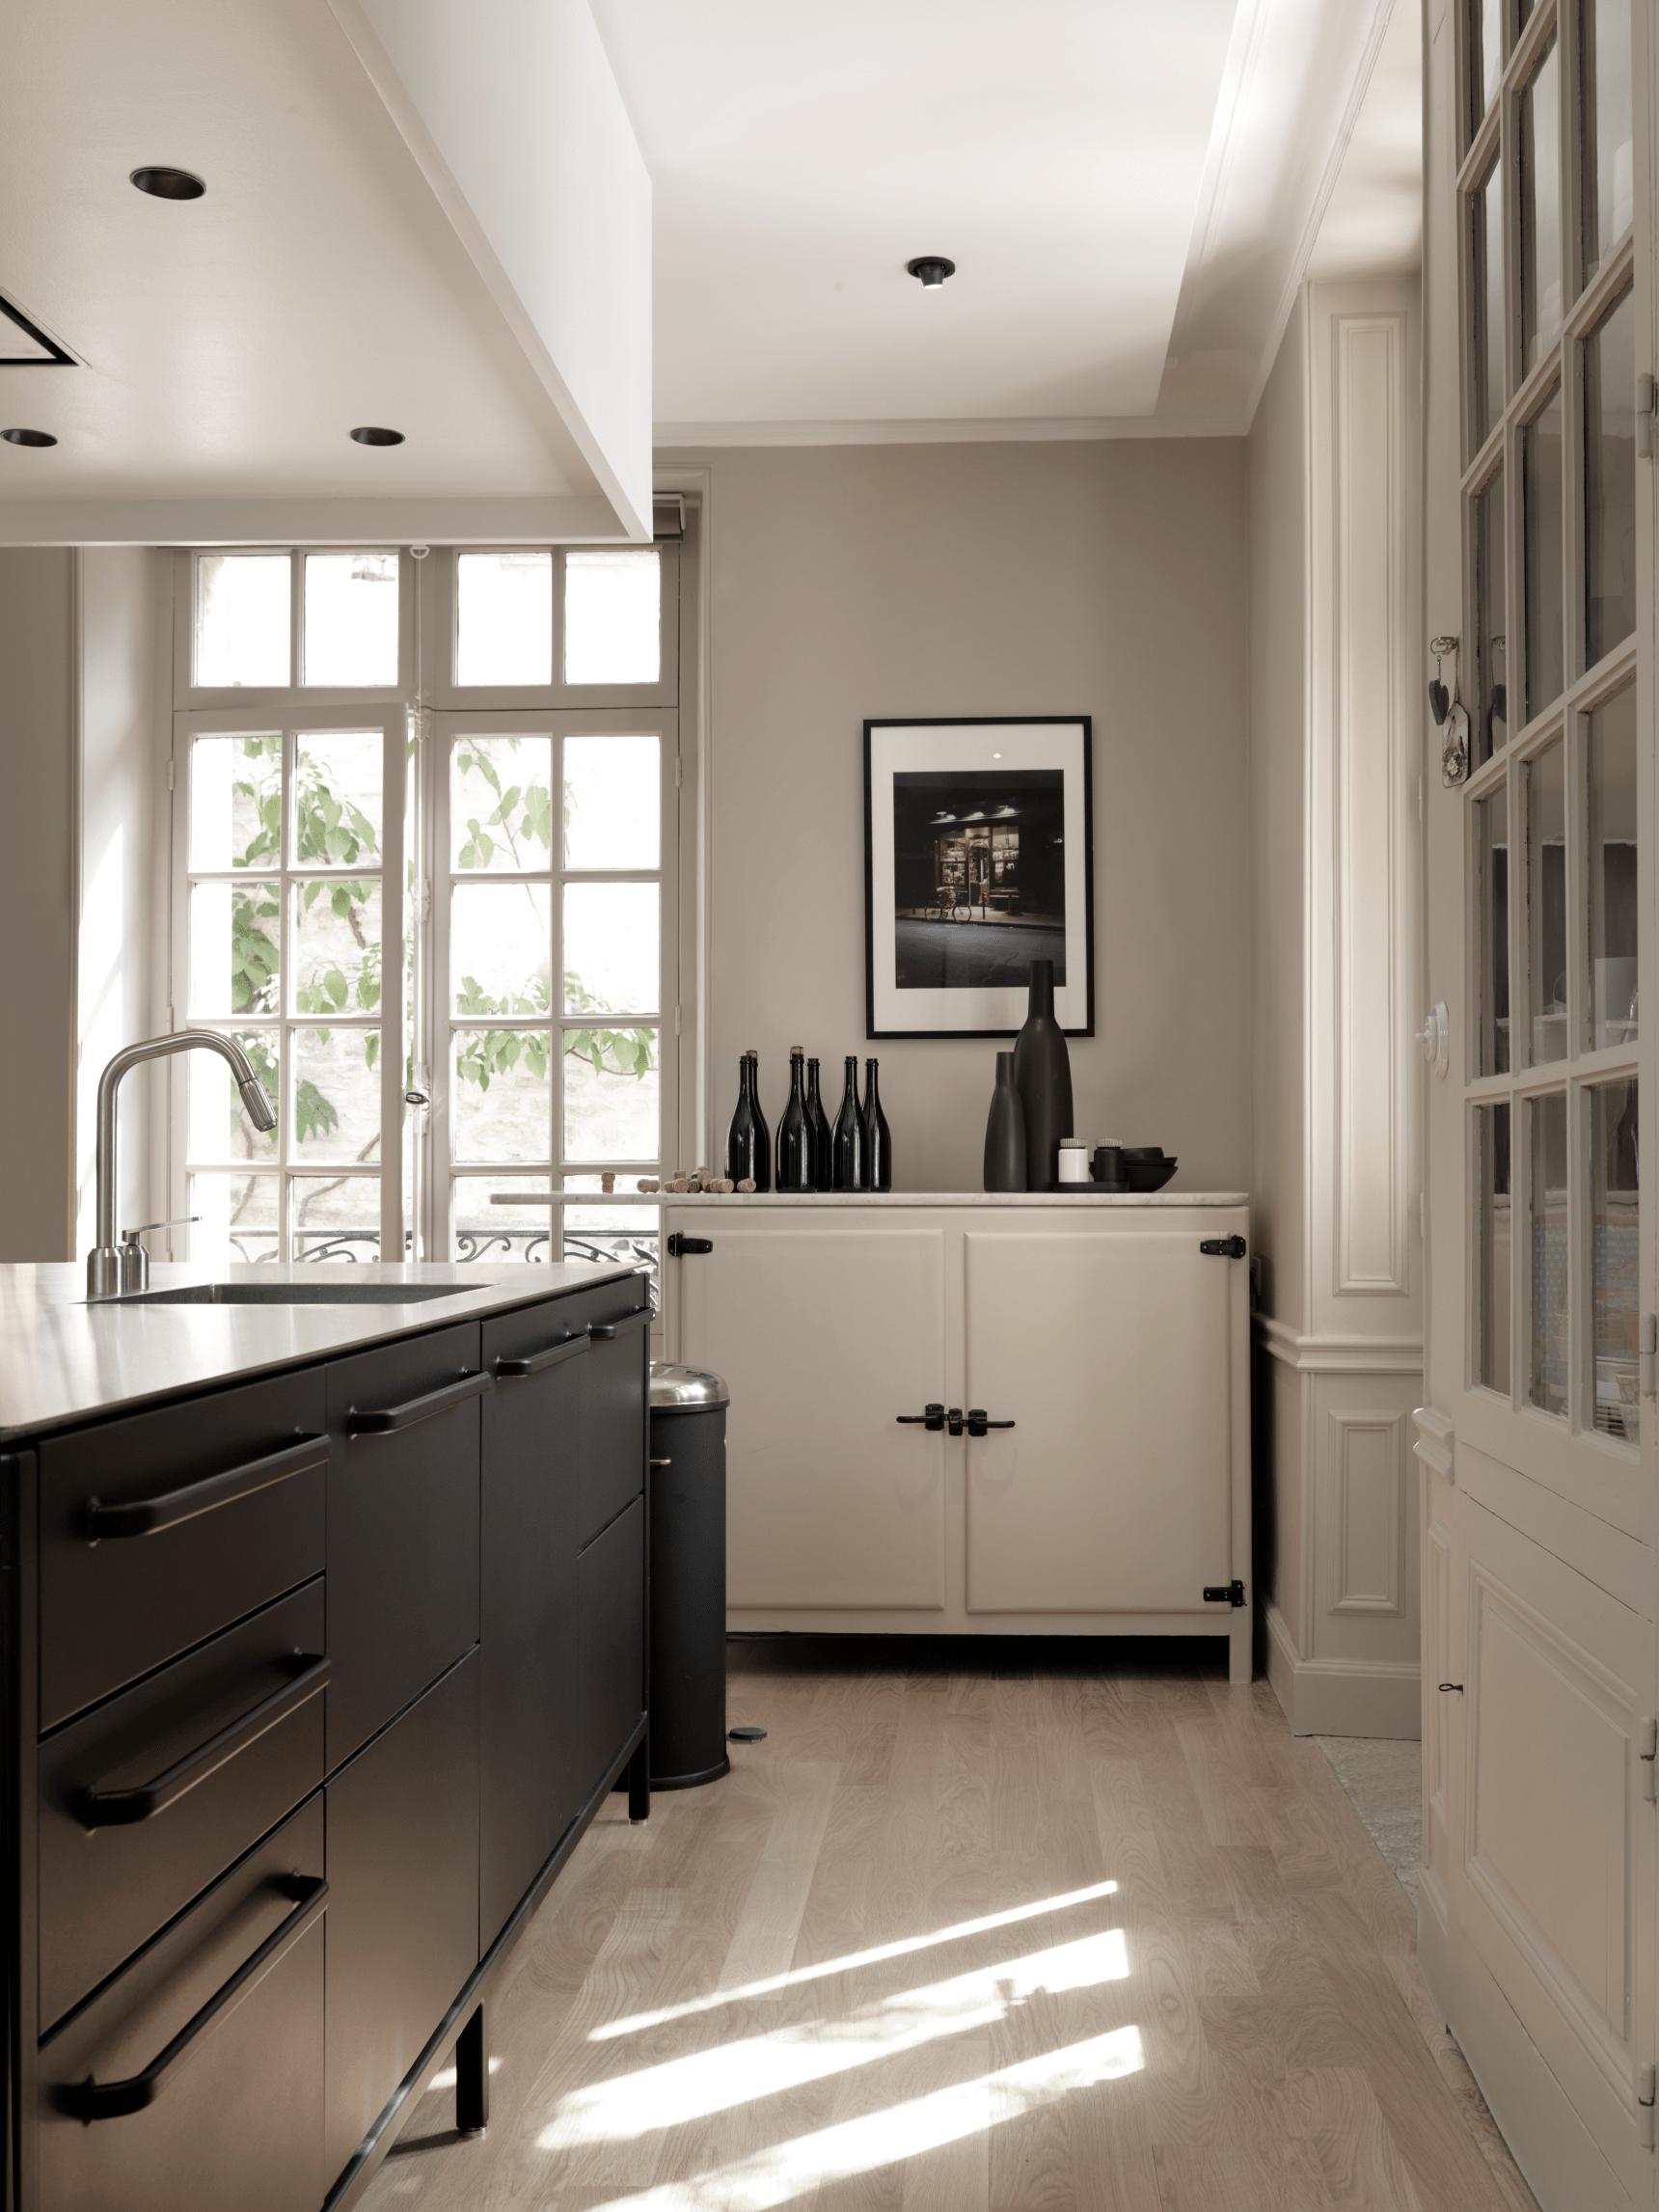 Küchen-Design Inspirationen: So könnte Deine nächste Küche aussehen 17